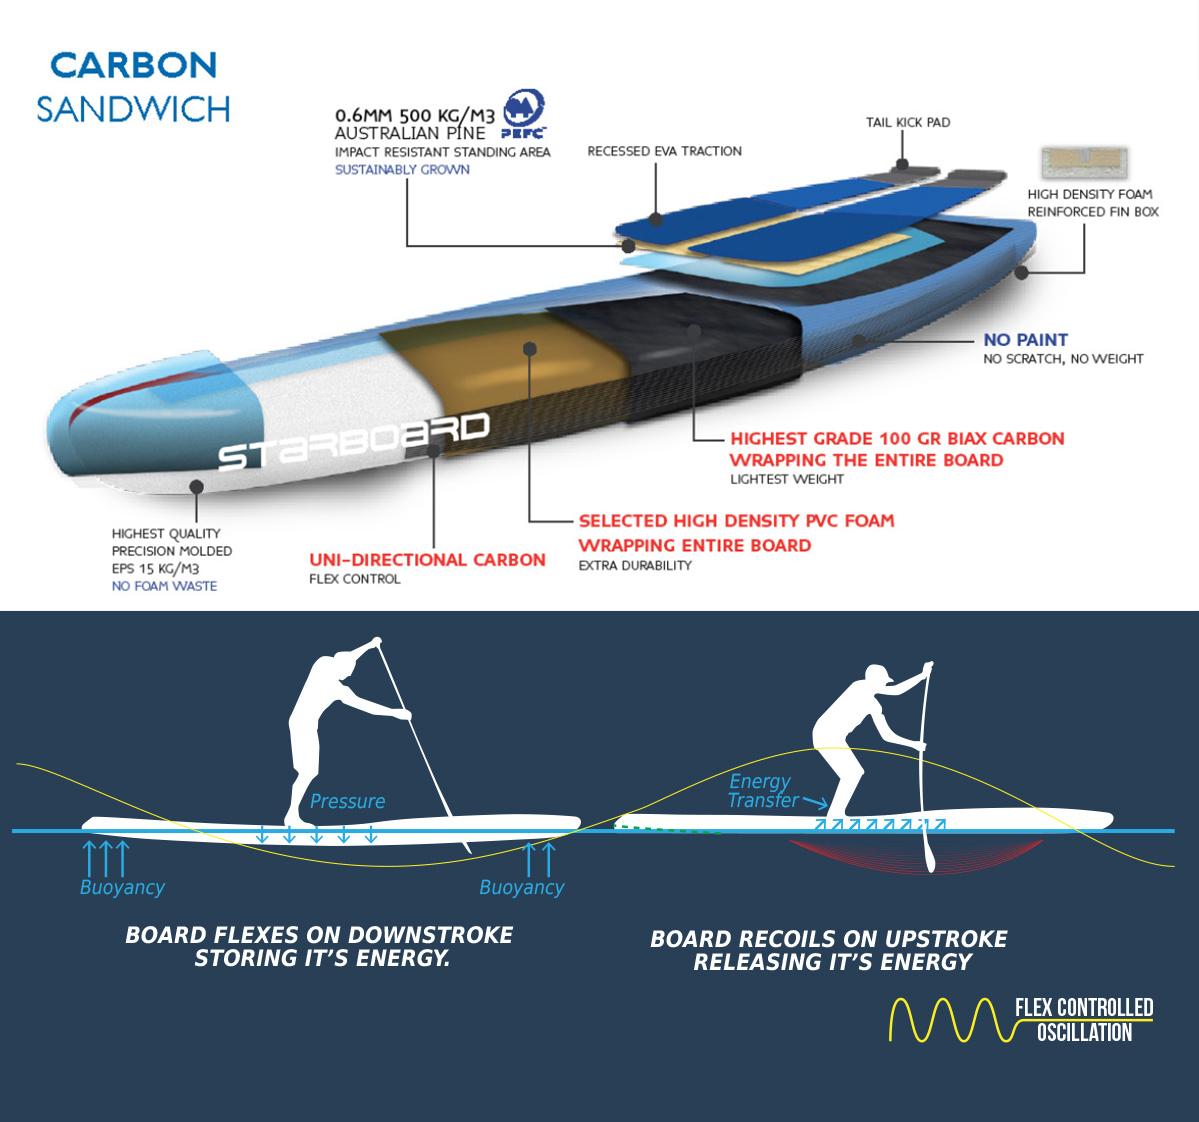 starboard race carbon sandwich tech2